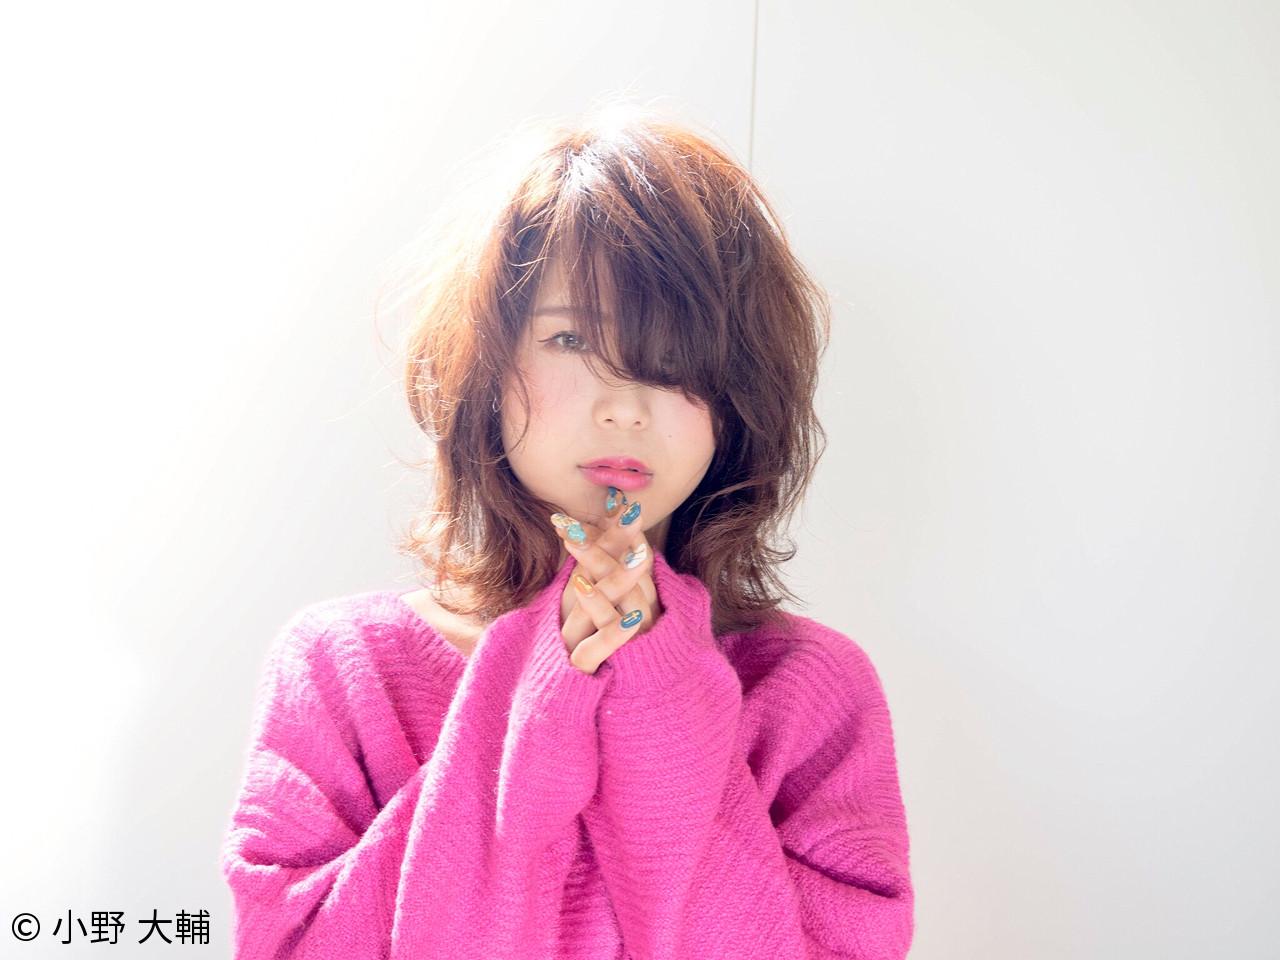 ショート パーマ ナチュラル アッシュ ヘアスタイルや髪型の写真・画像 | 小野 大輔 / OHIA  for plumeria